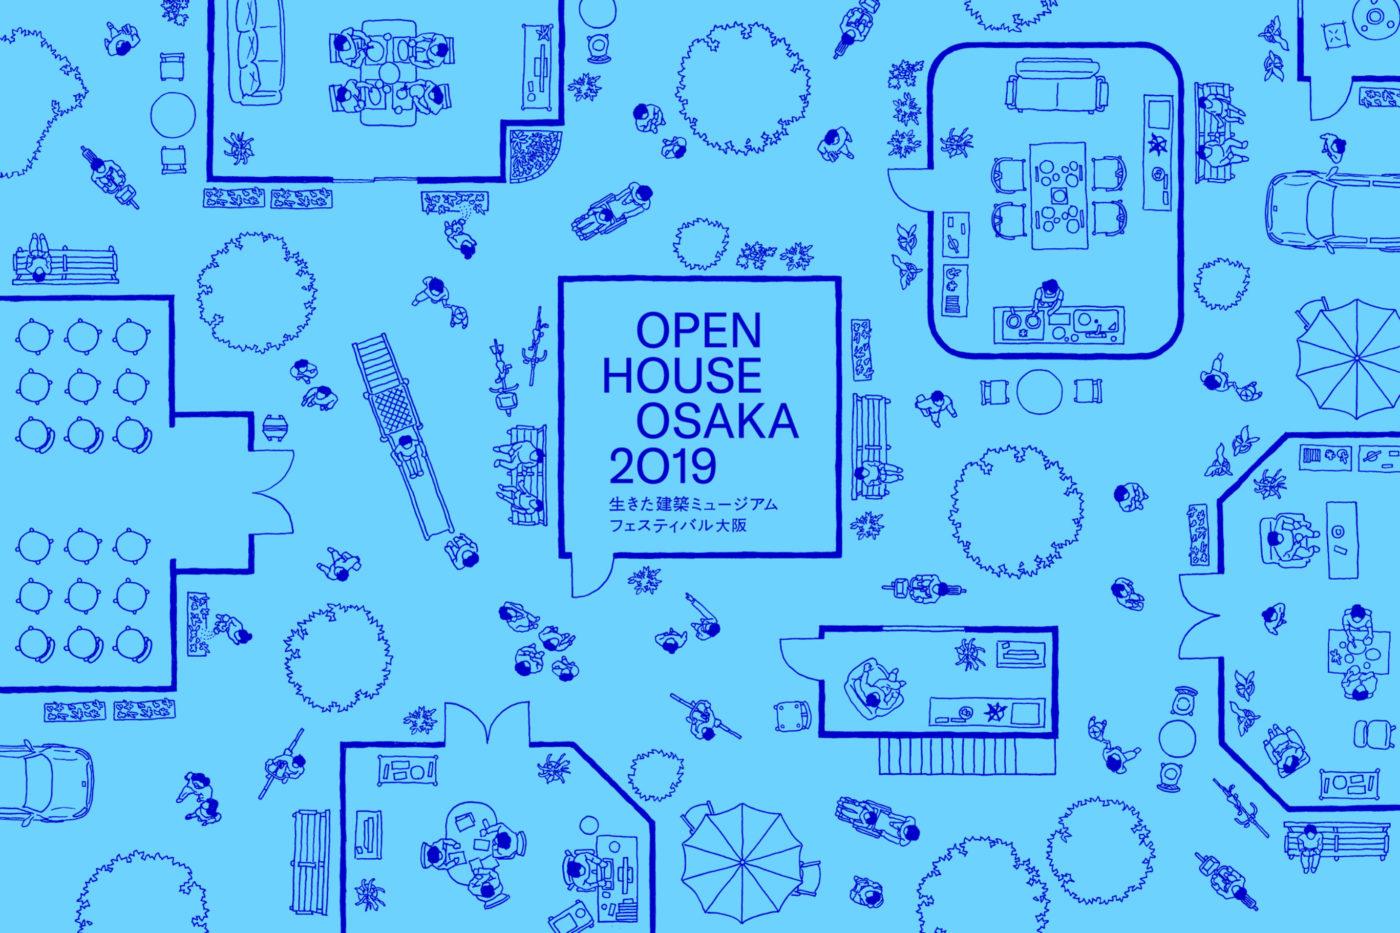 大阪の魅力的な建築を一斉に無料公開する「生きた建築ミュージアム フェスティバル大阪」。今年は169件が参加